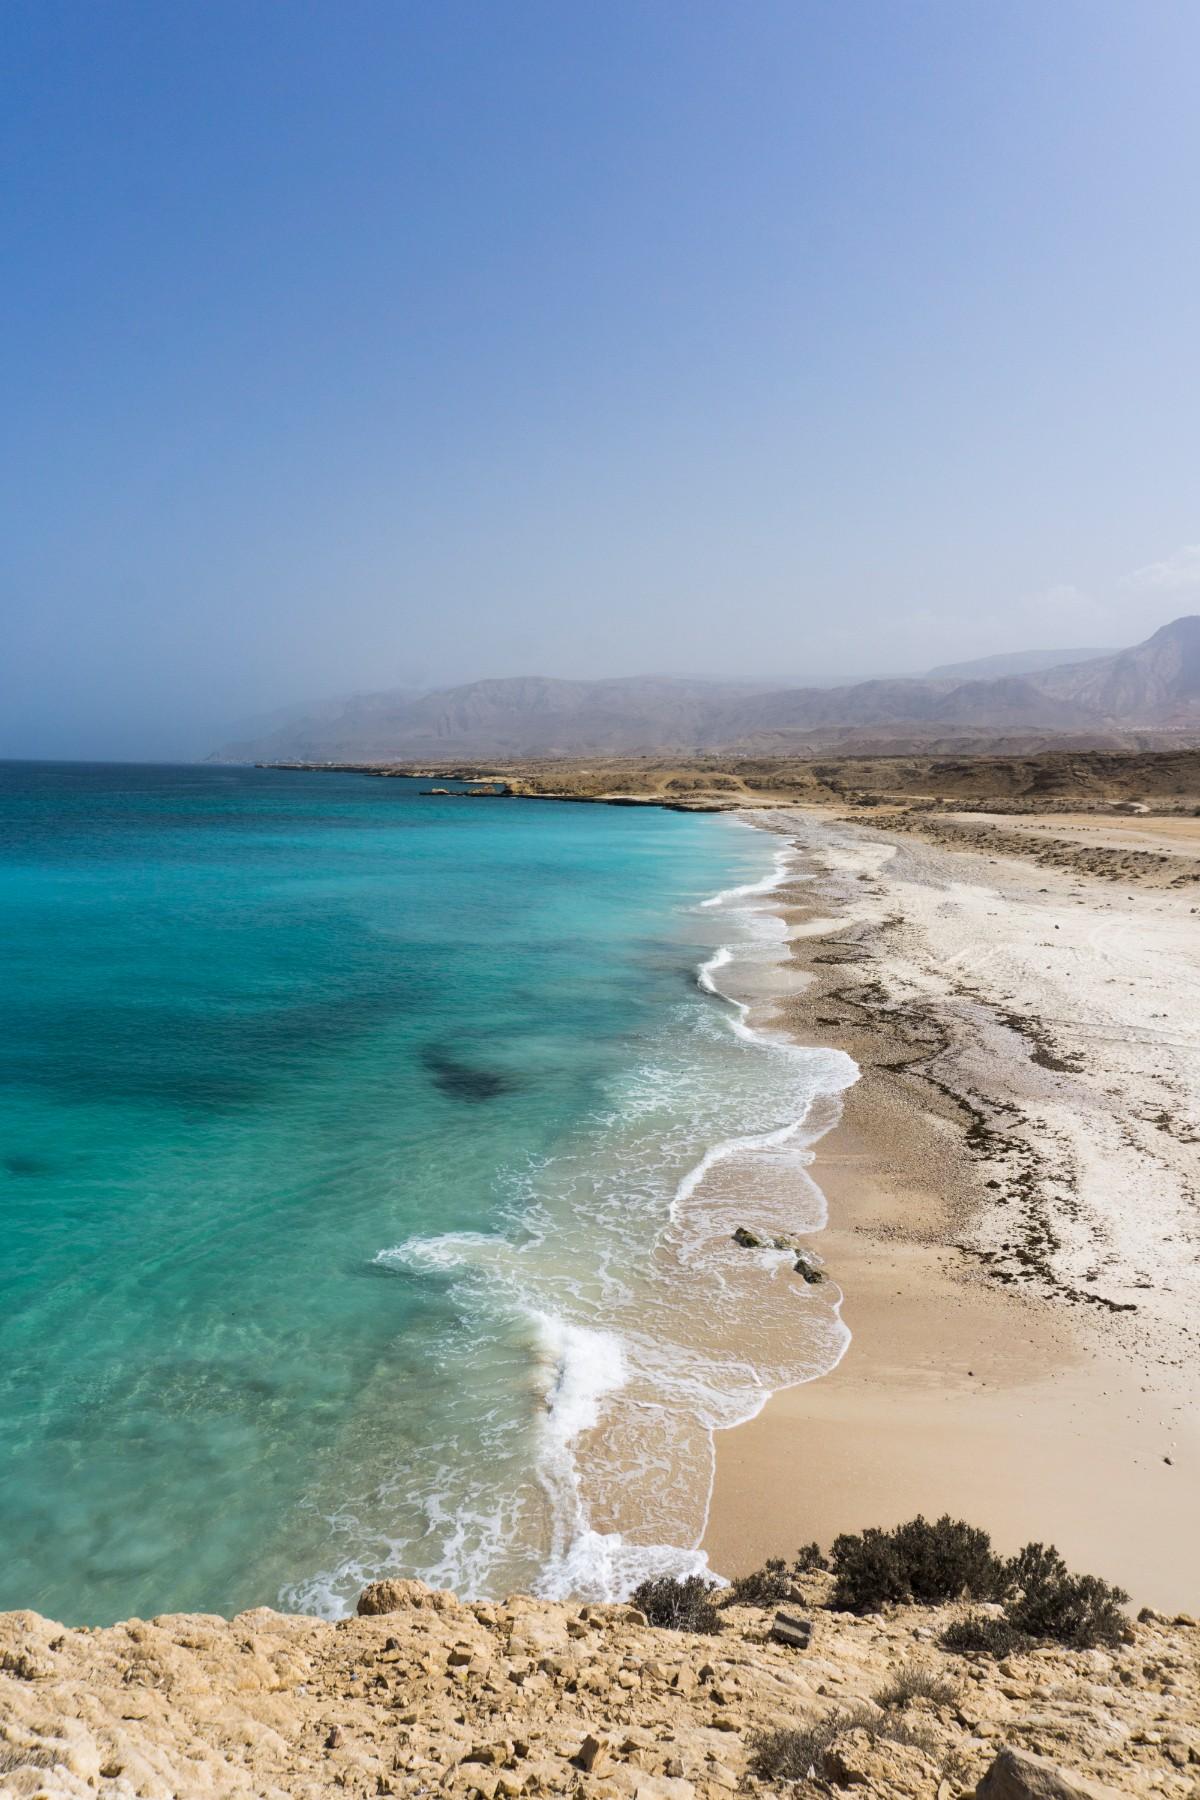 Un aperçu d'Oman - Terre des 1001 nuits-Plage Fins